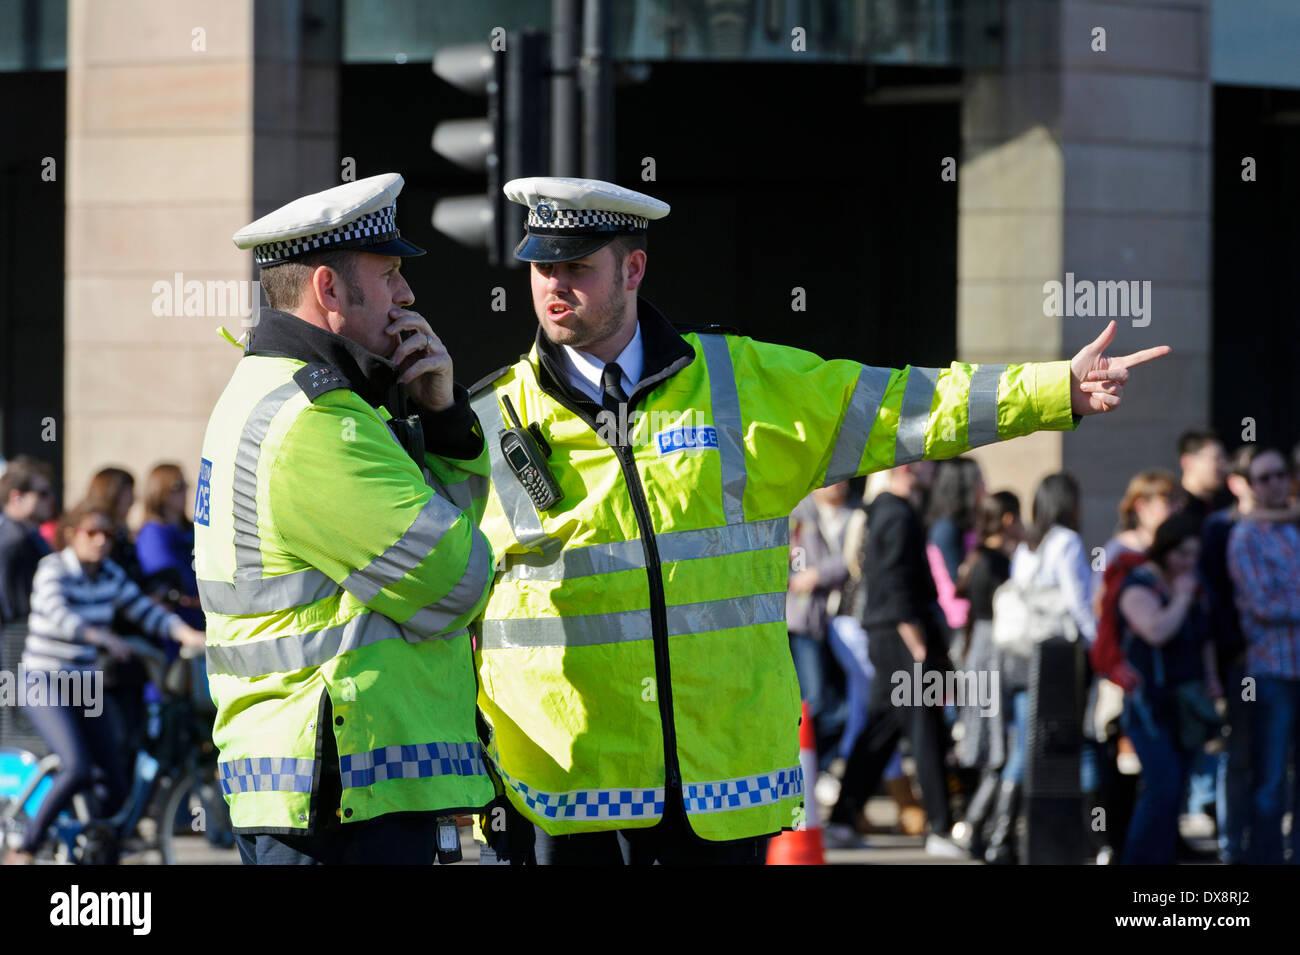 Deux agents de police de la circulation métropolitaine uniforme parle d'une situation, Londres, Angleterre, Royaume-Uni. Photo Stock